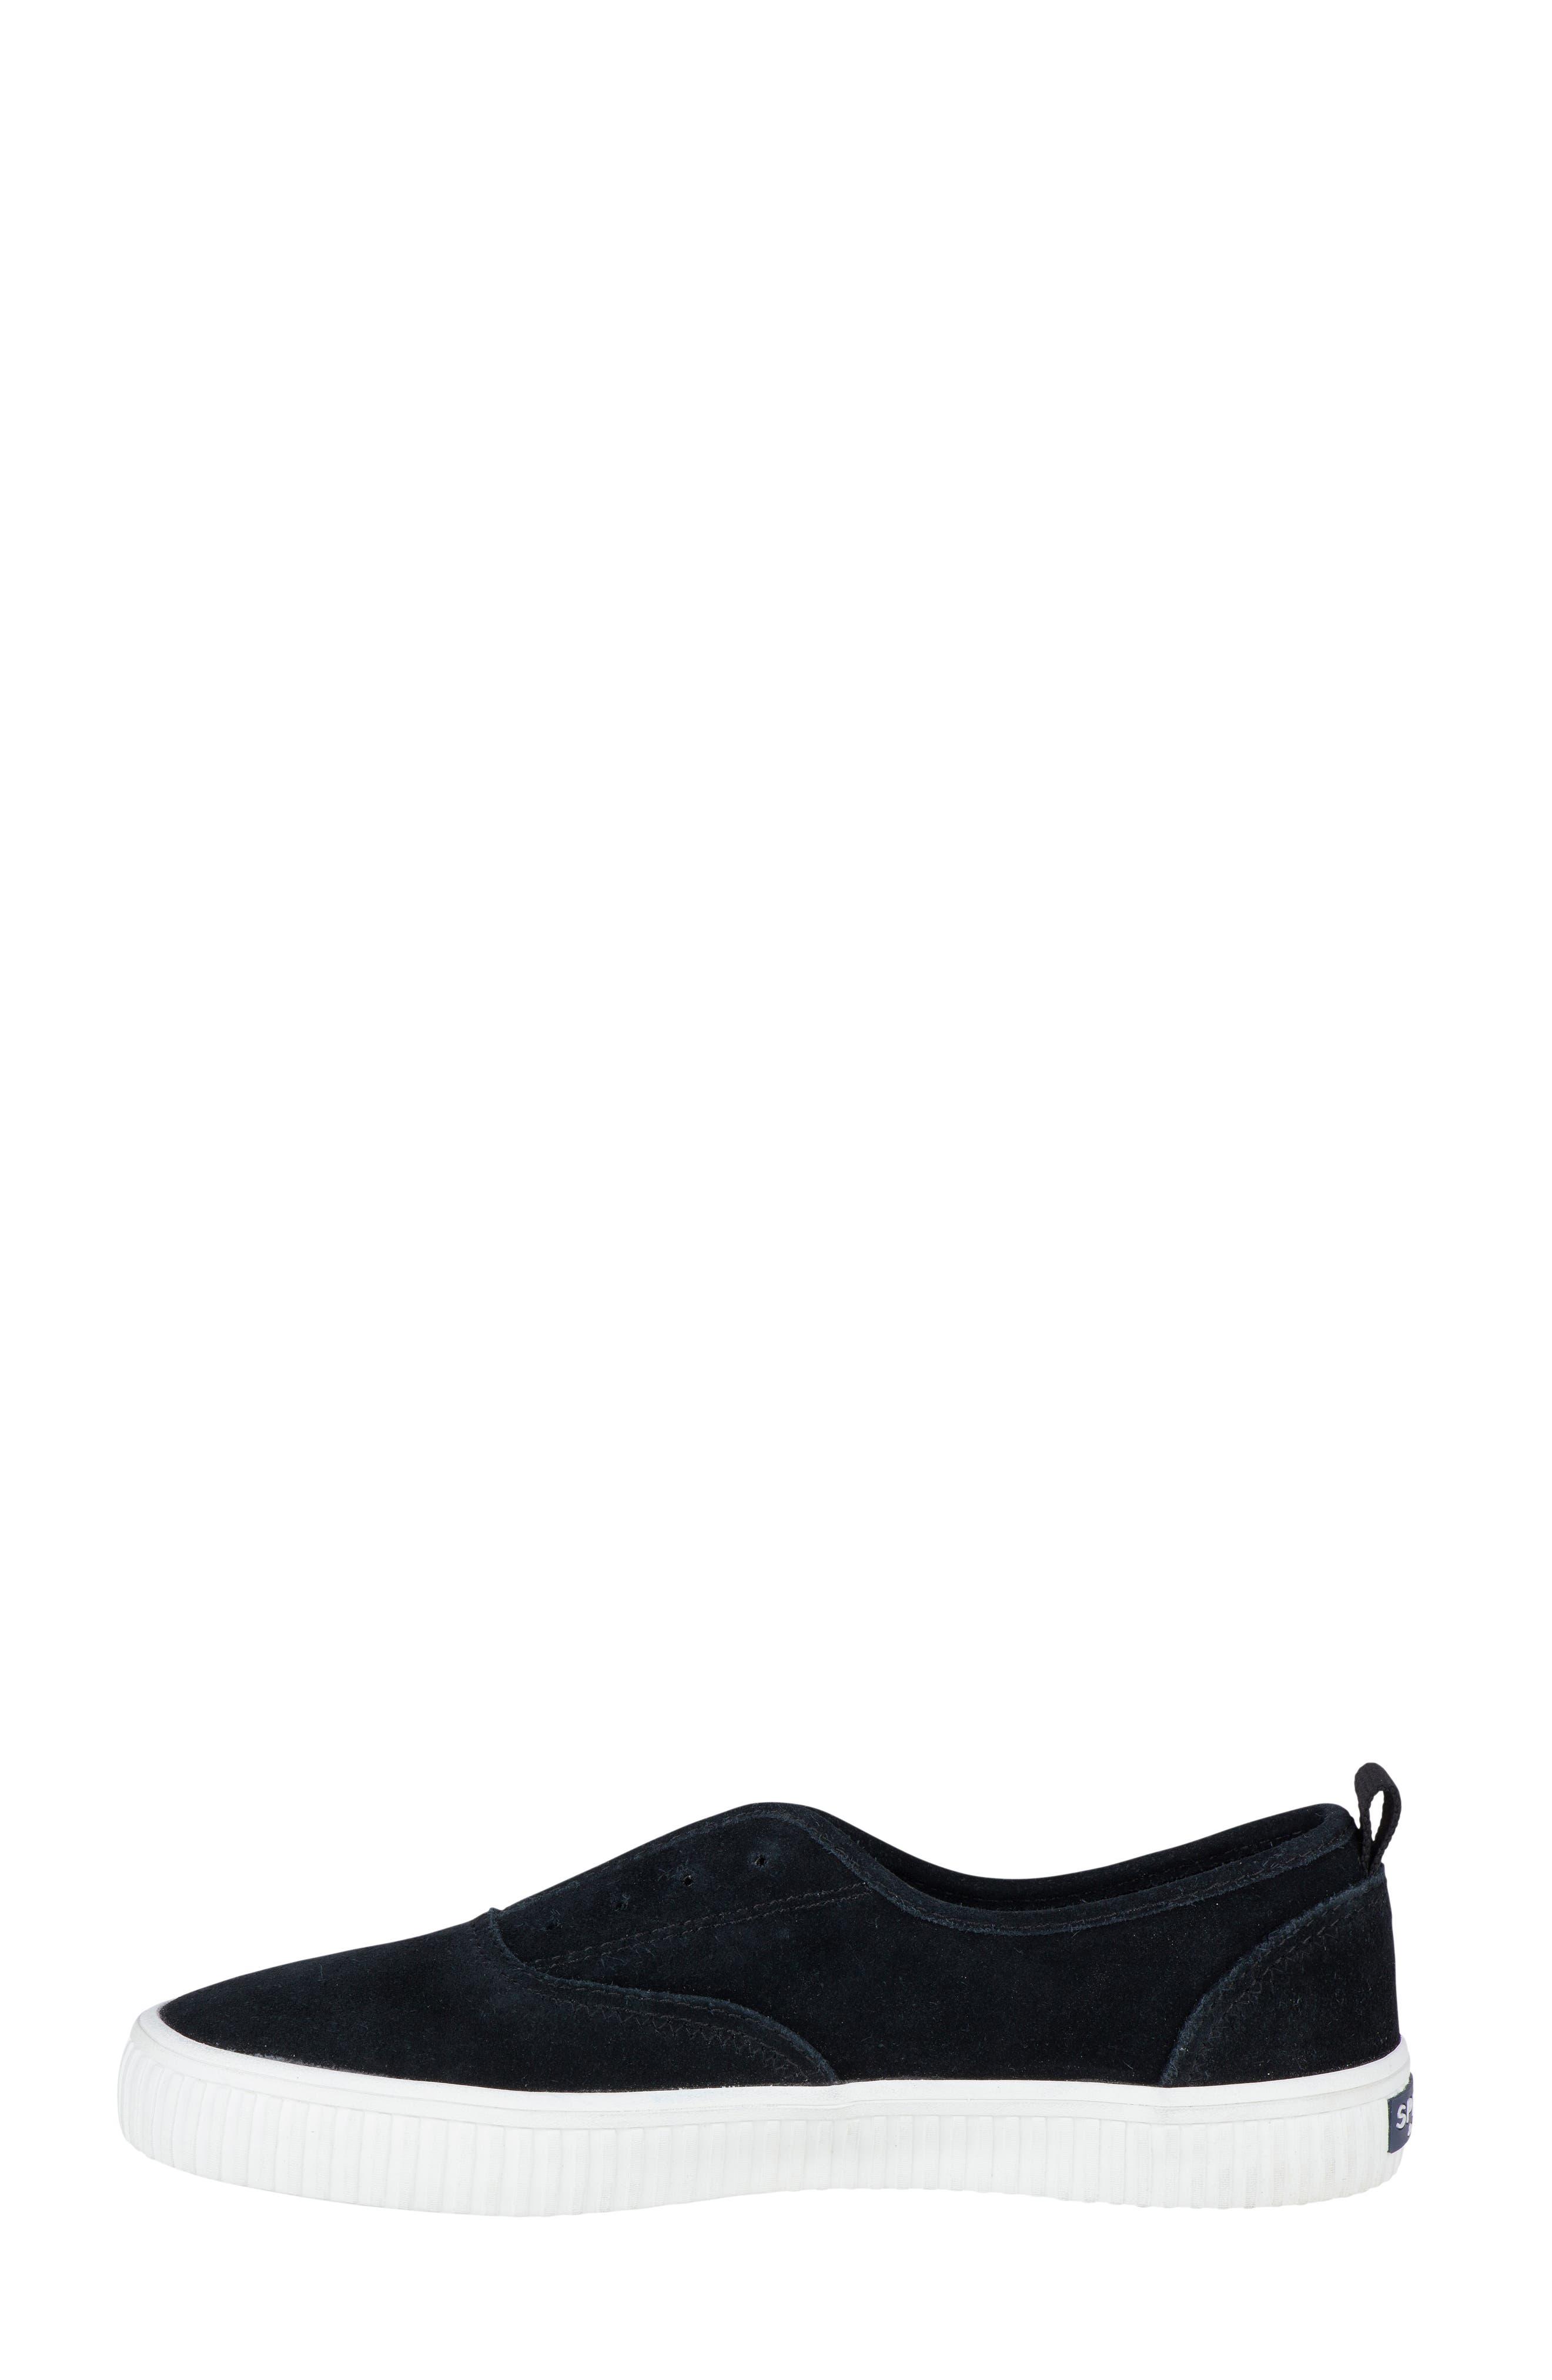 Alternate Image 4  - Sperry Crest Creeper Slip-On Sneaker (Women)